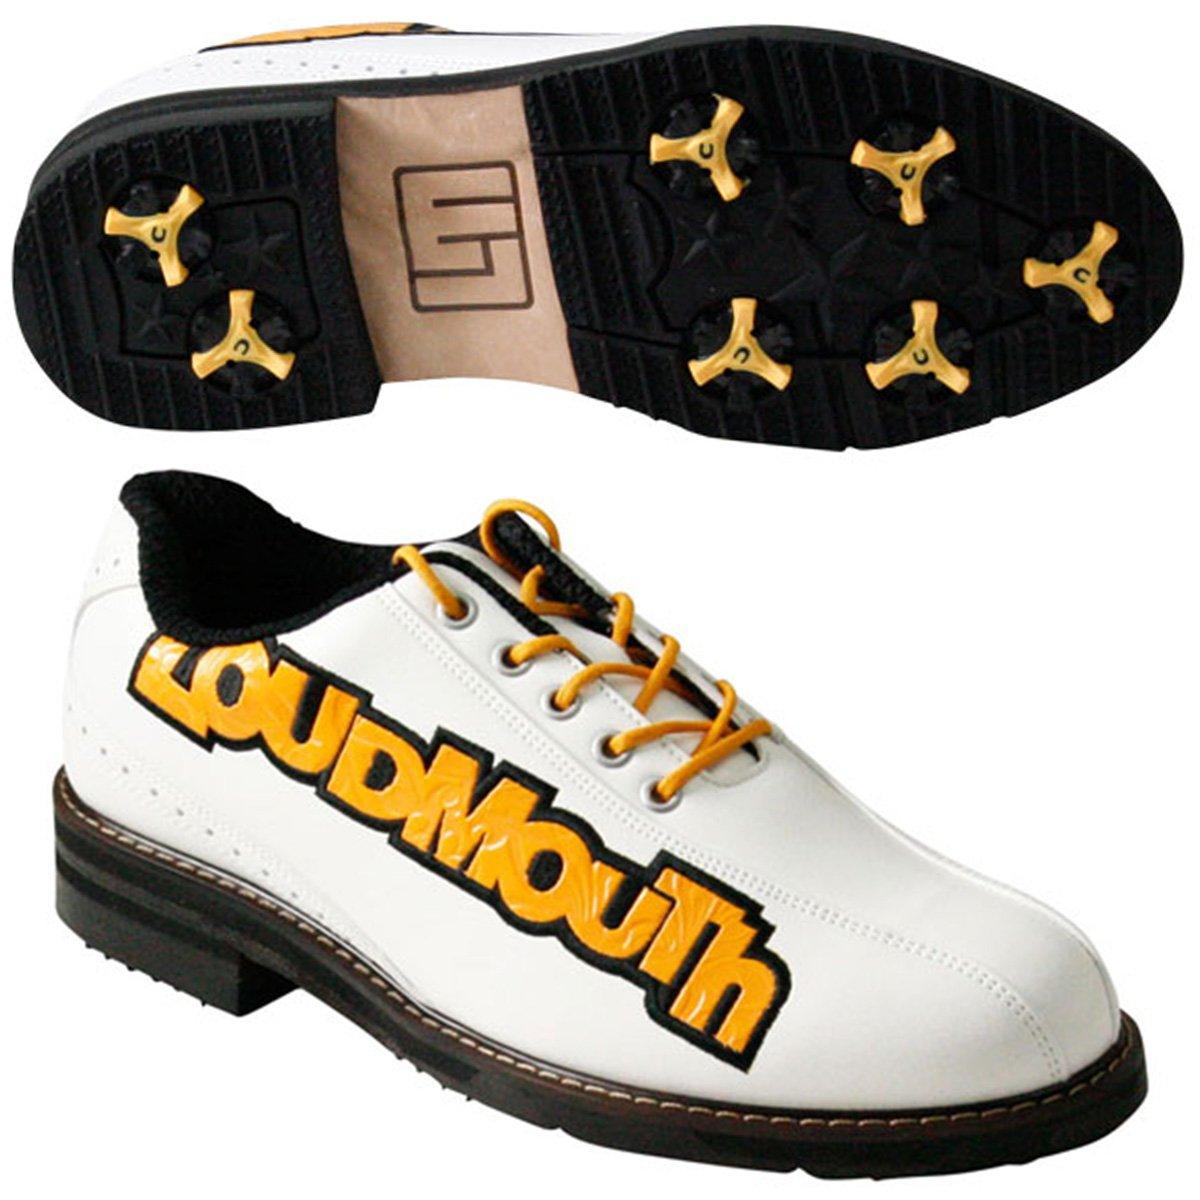 ラウドマウスゴルフ Loud Mouth Golf シューズ ゴルフシューズ B077GPJZH9 24.5 cm ホワイト/オレンジ